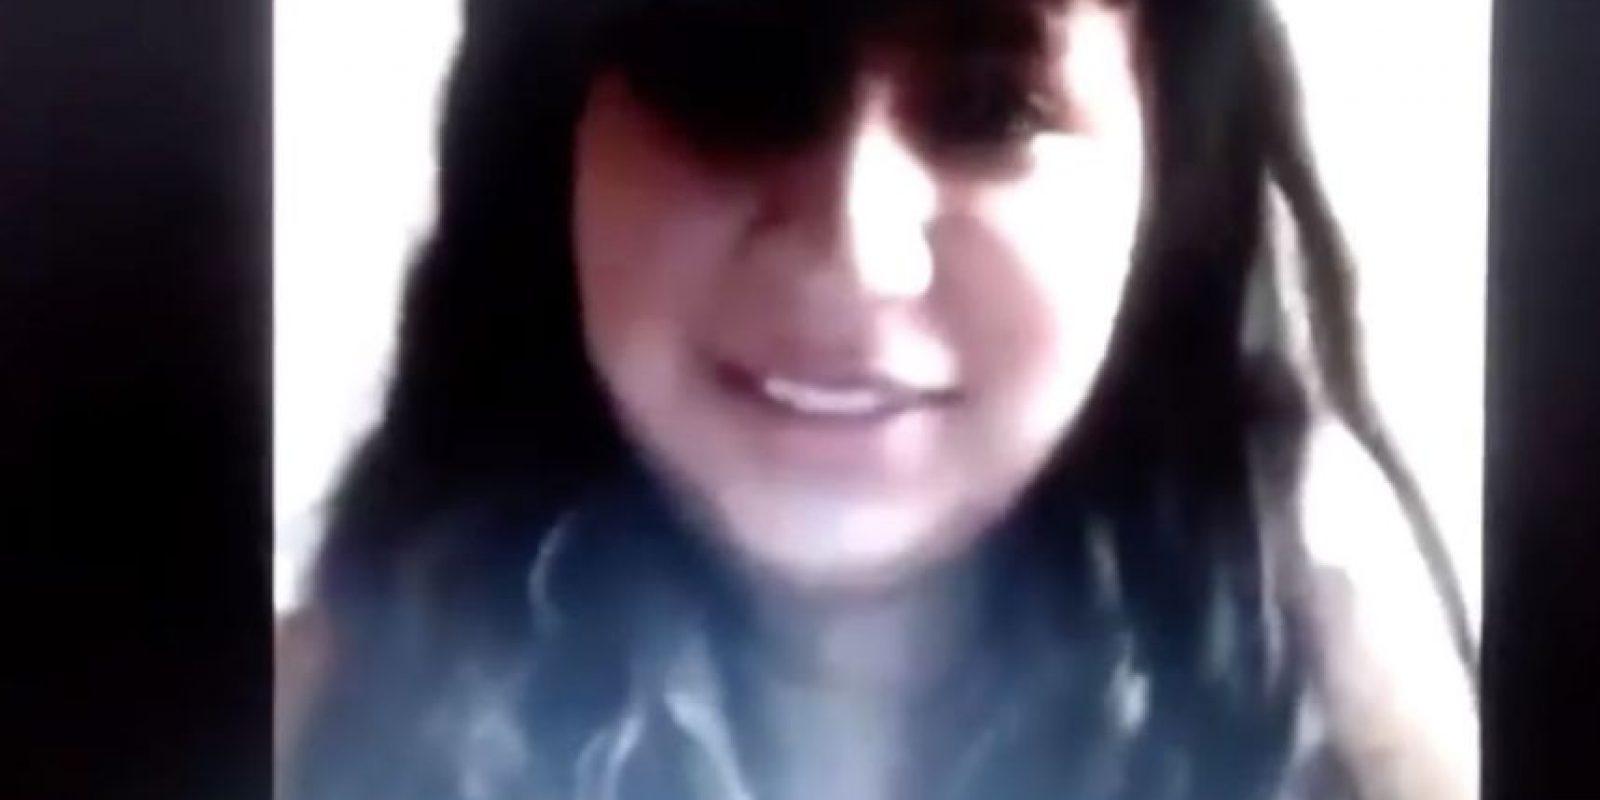 La joven trató de cometer suicidio. Foto:Facebook/Operaciones Especiales México